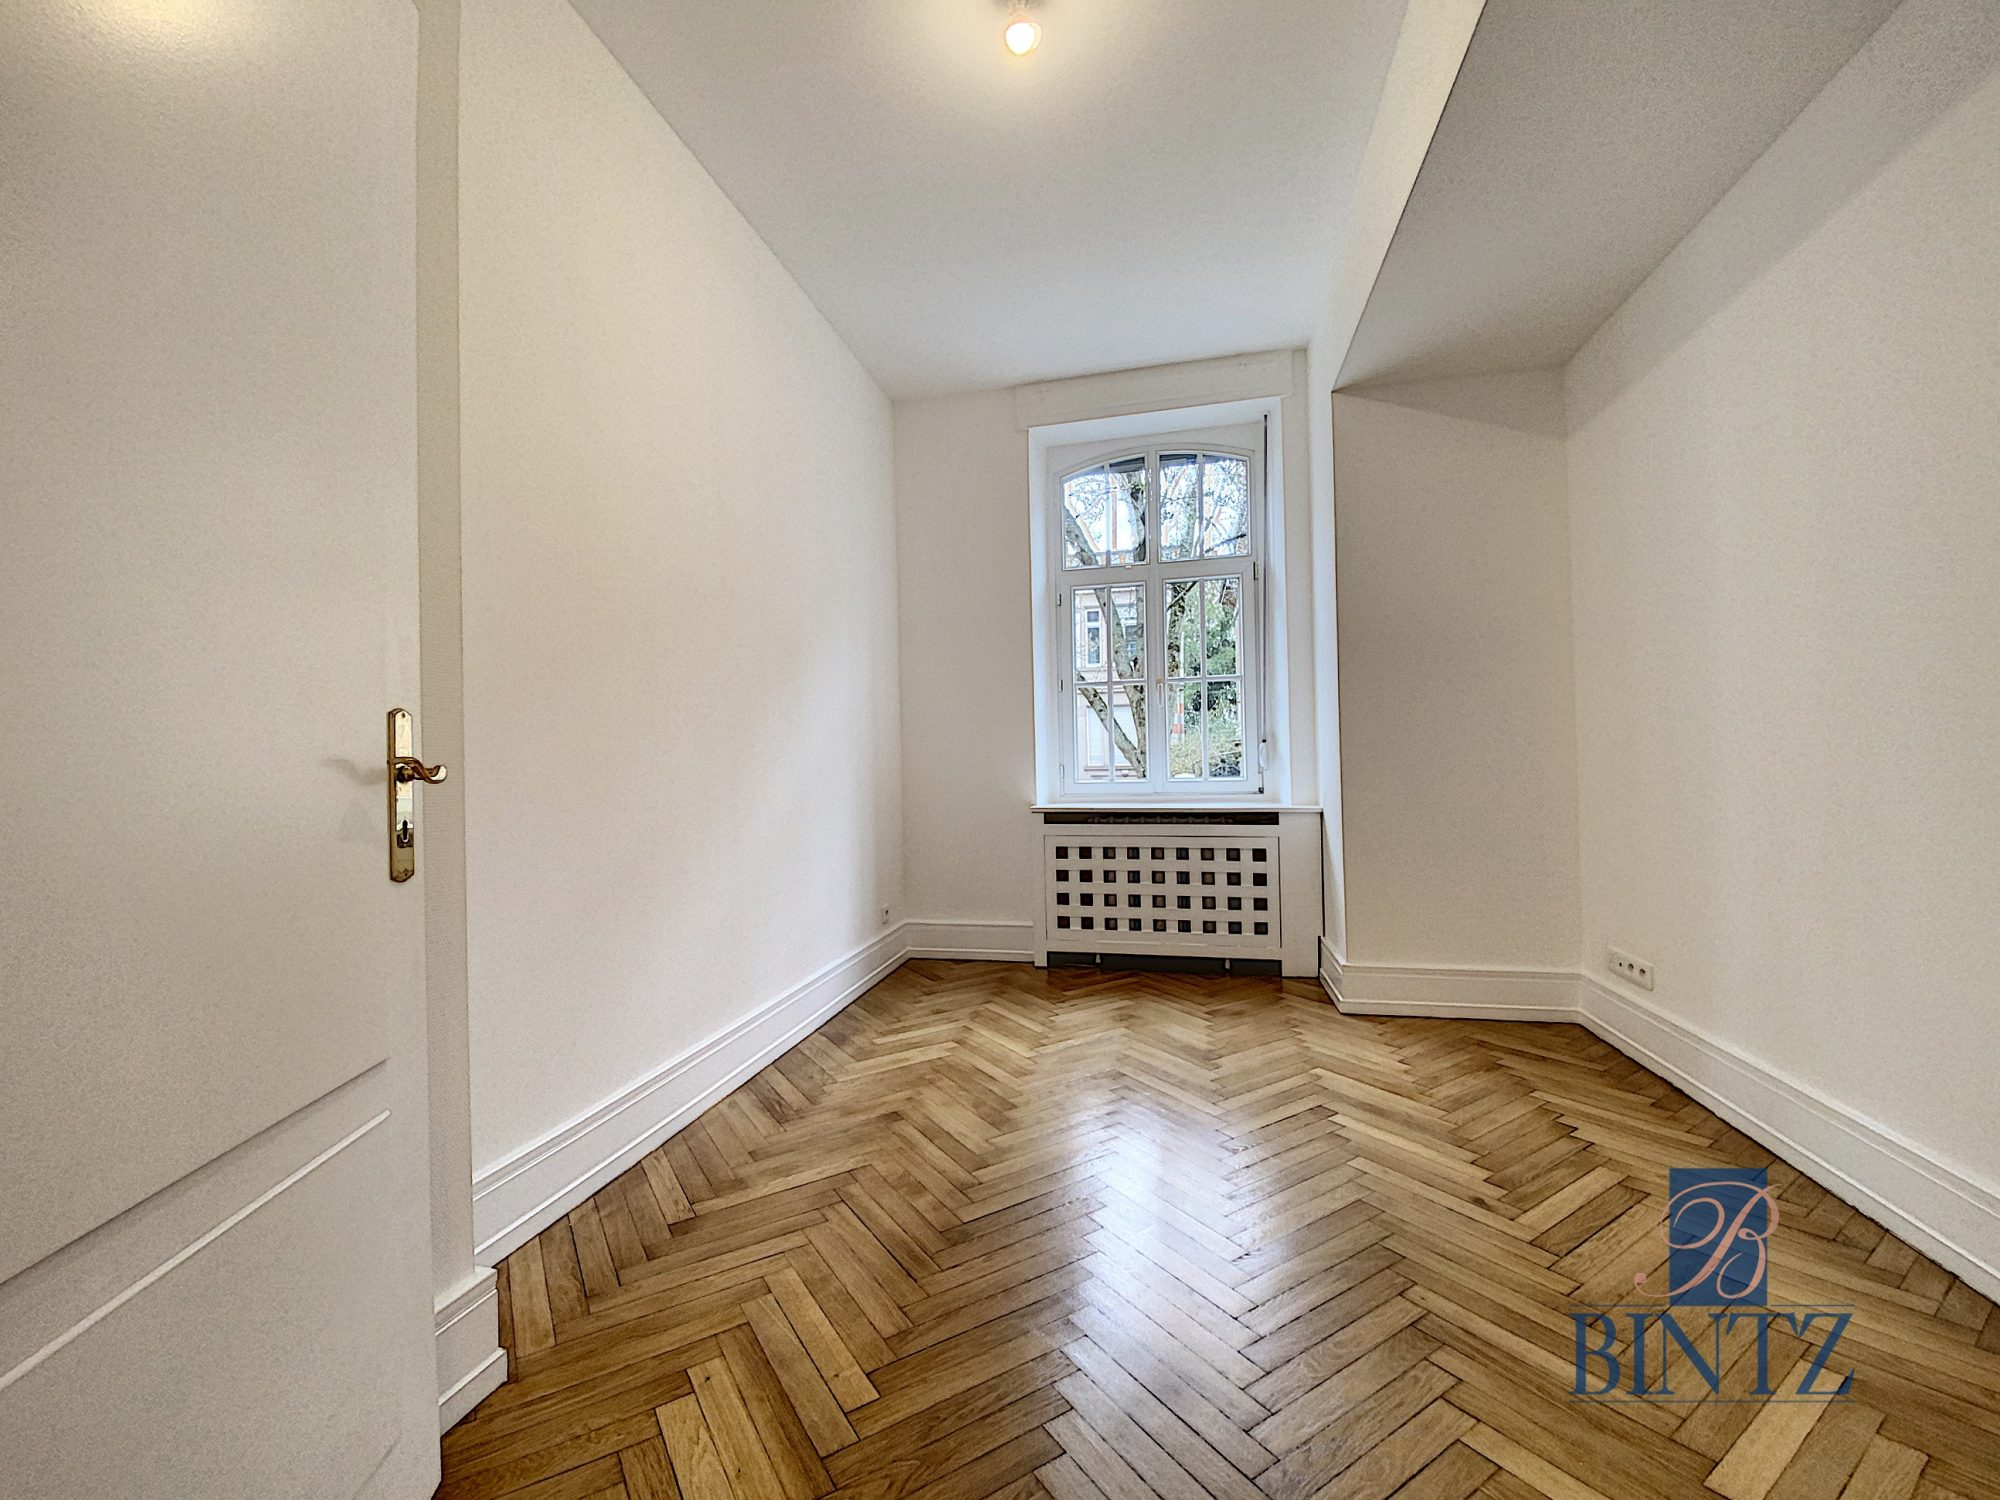 SUPERBE 4 PIECES ENTRE JARDIN BOTANIQUE ET ORANGERIE - Devenez locataire en toute sérénité - Bintz Immobilier - 13